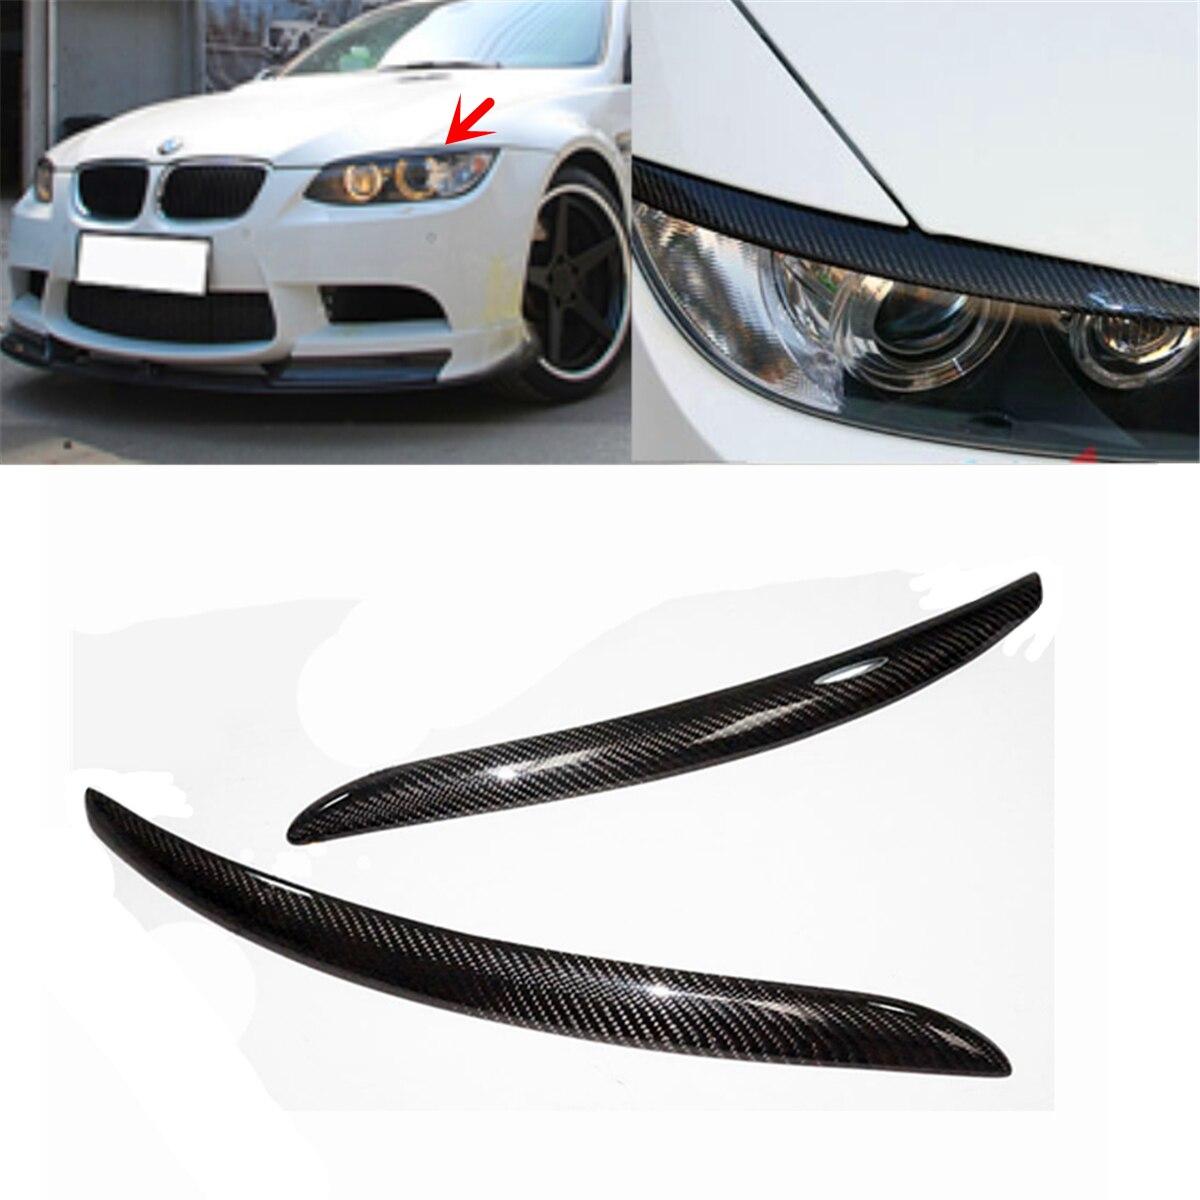 A Pair Headlight Lid Eyebrow EyeLids For BMW E92 E93 335I 335CI Model 2007-2012 Real Carbon Fiber Eyelids Trim Cover